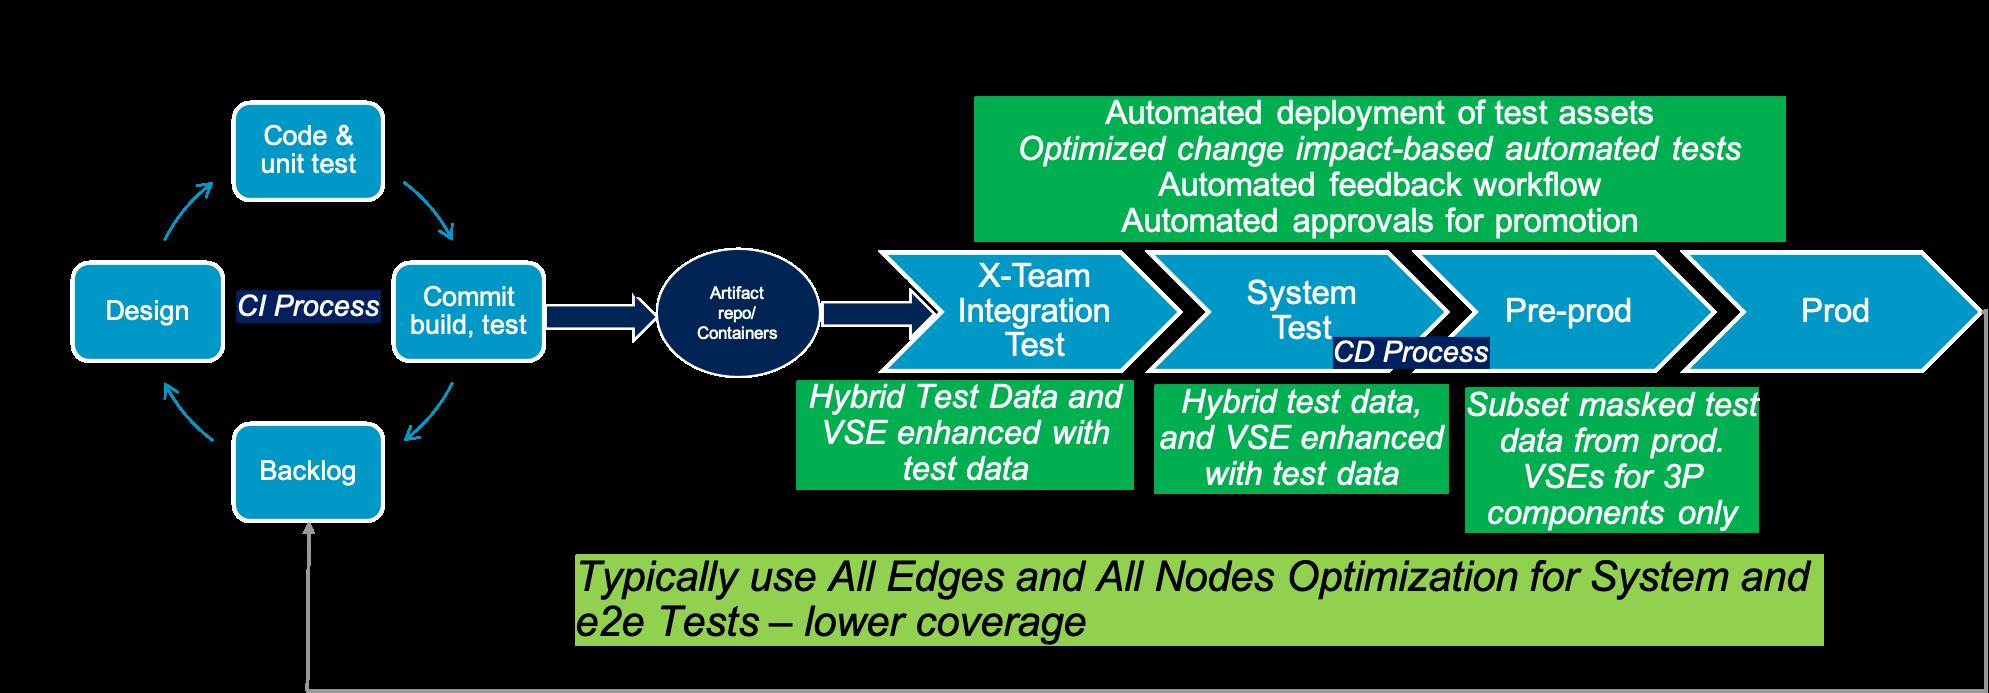 ESD_FY2021_Academy-Blog.Enabling-In-Sprint-Testing.Figure_02